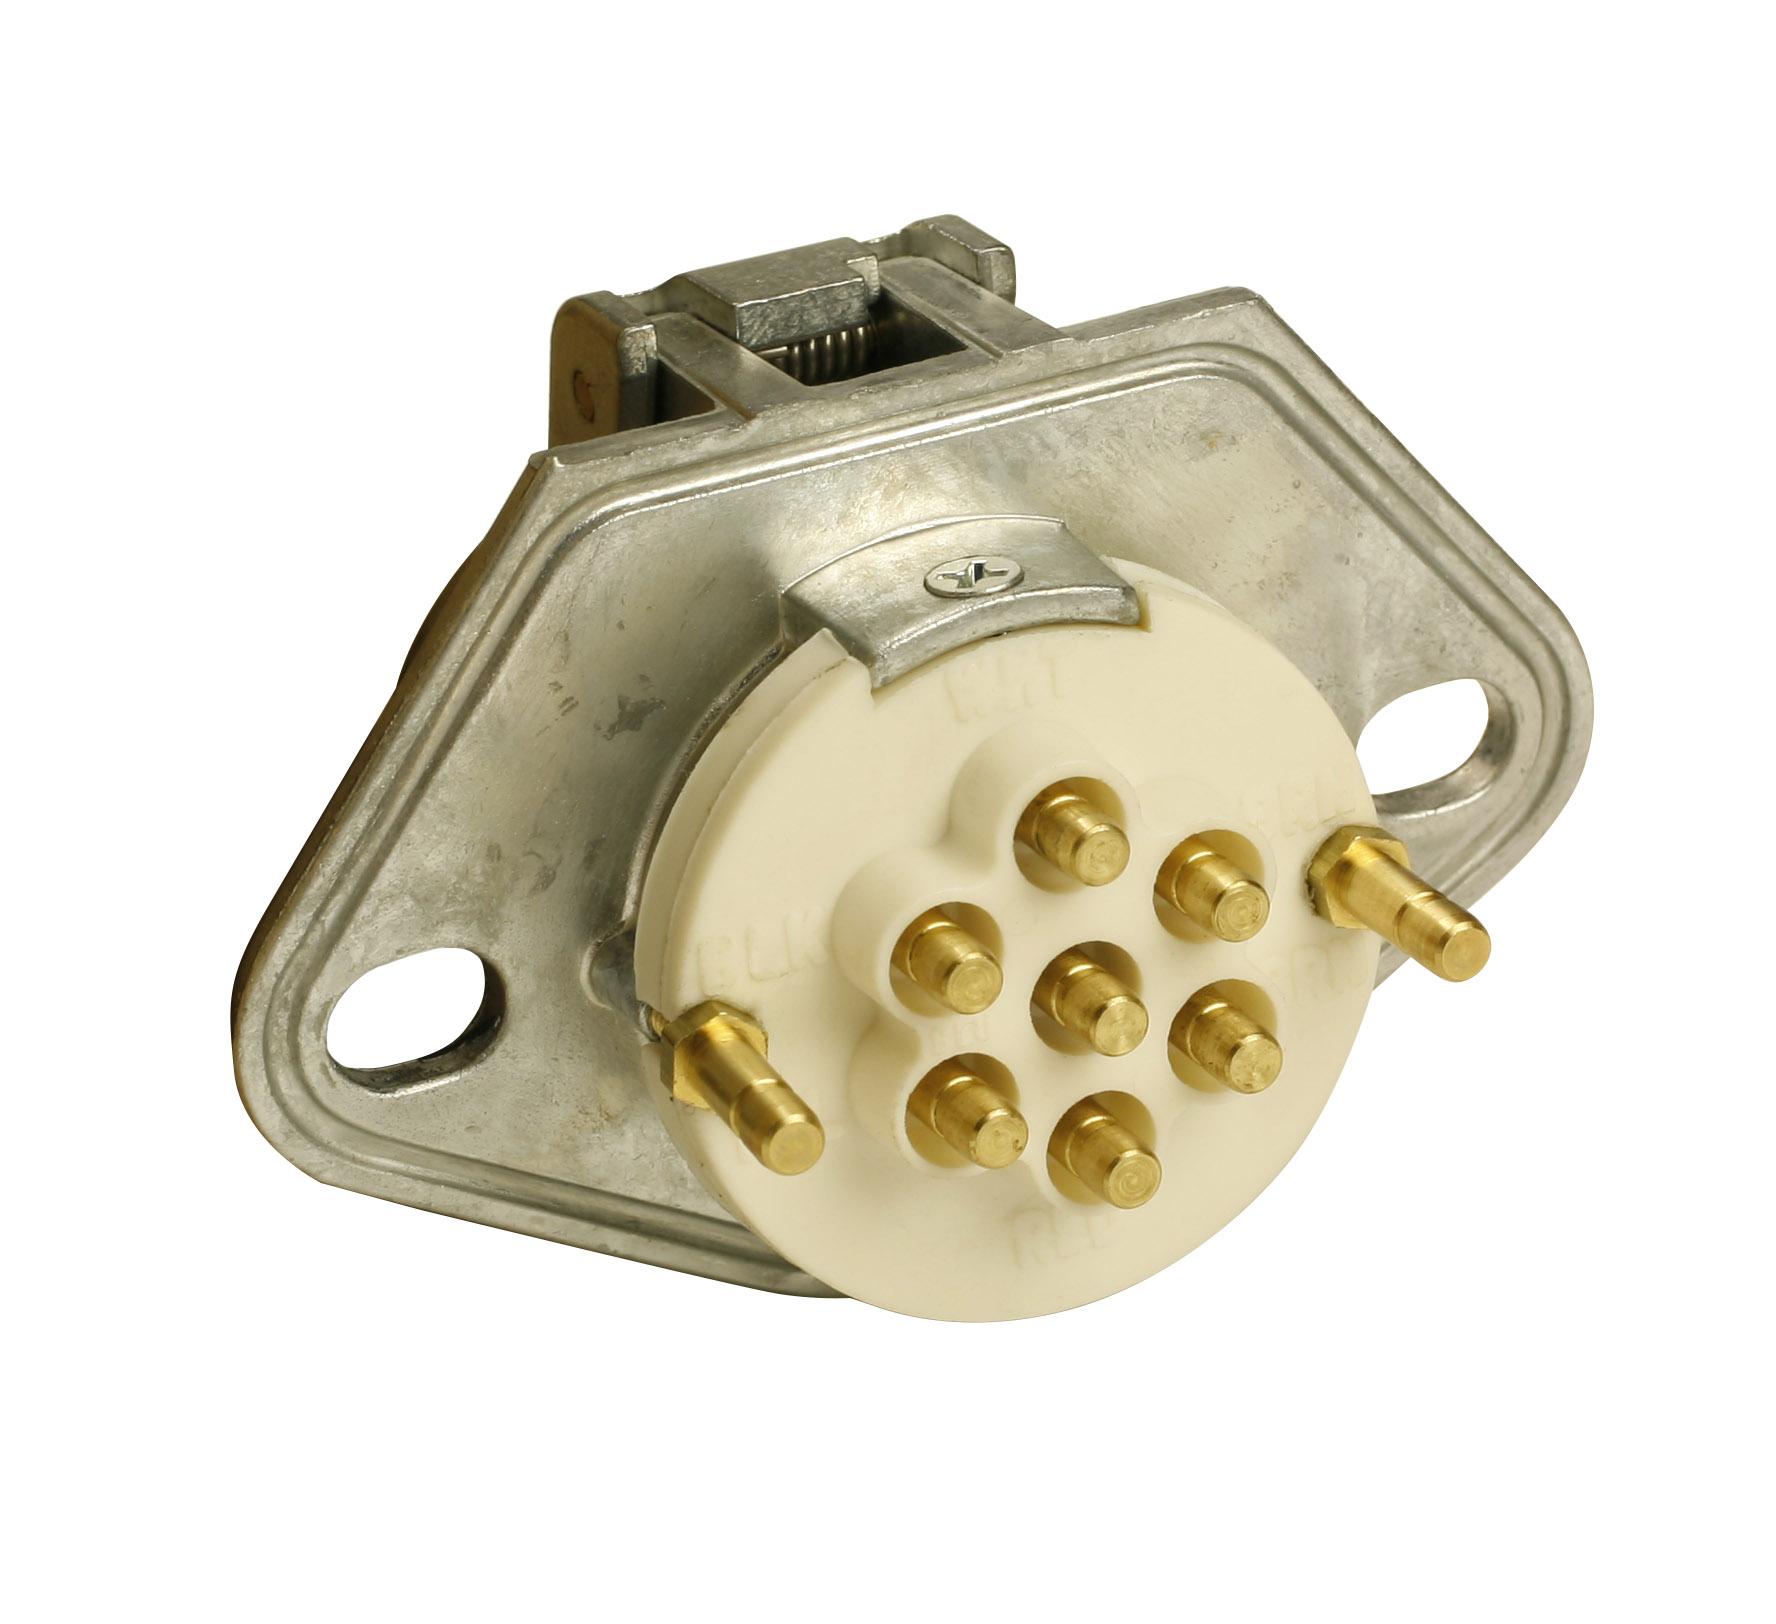 Grote Industries - 87250 - Tomacorriente Ultra-Pin con dos agujeros de montaje, solo tomacorriente, clavija ranurada